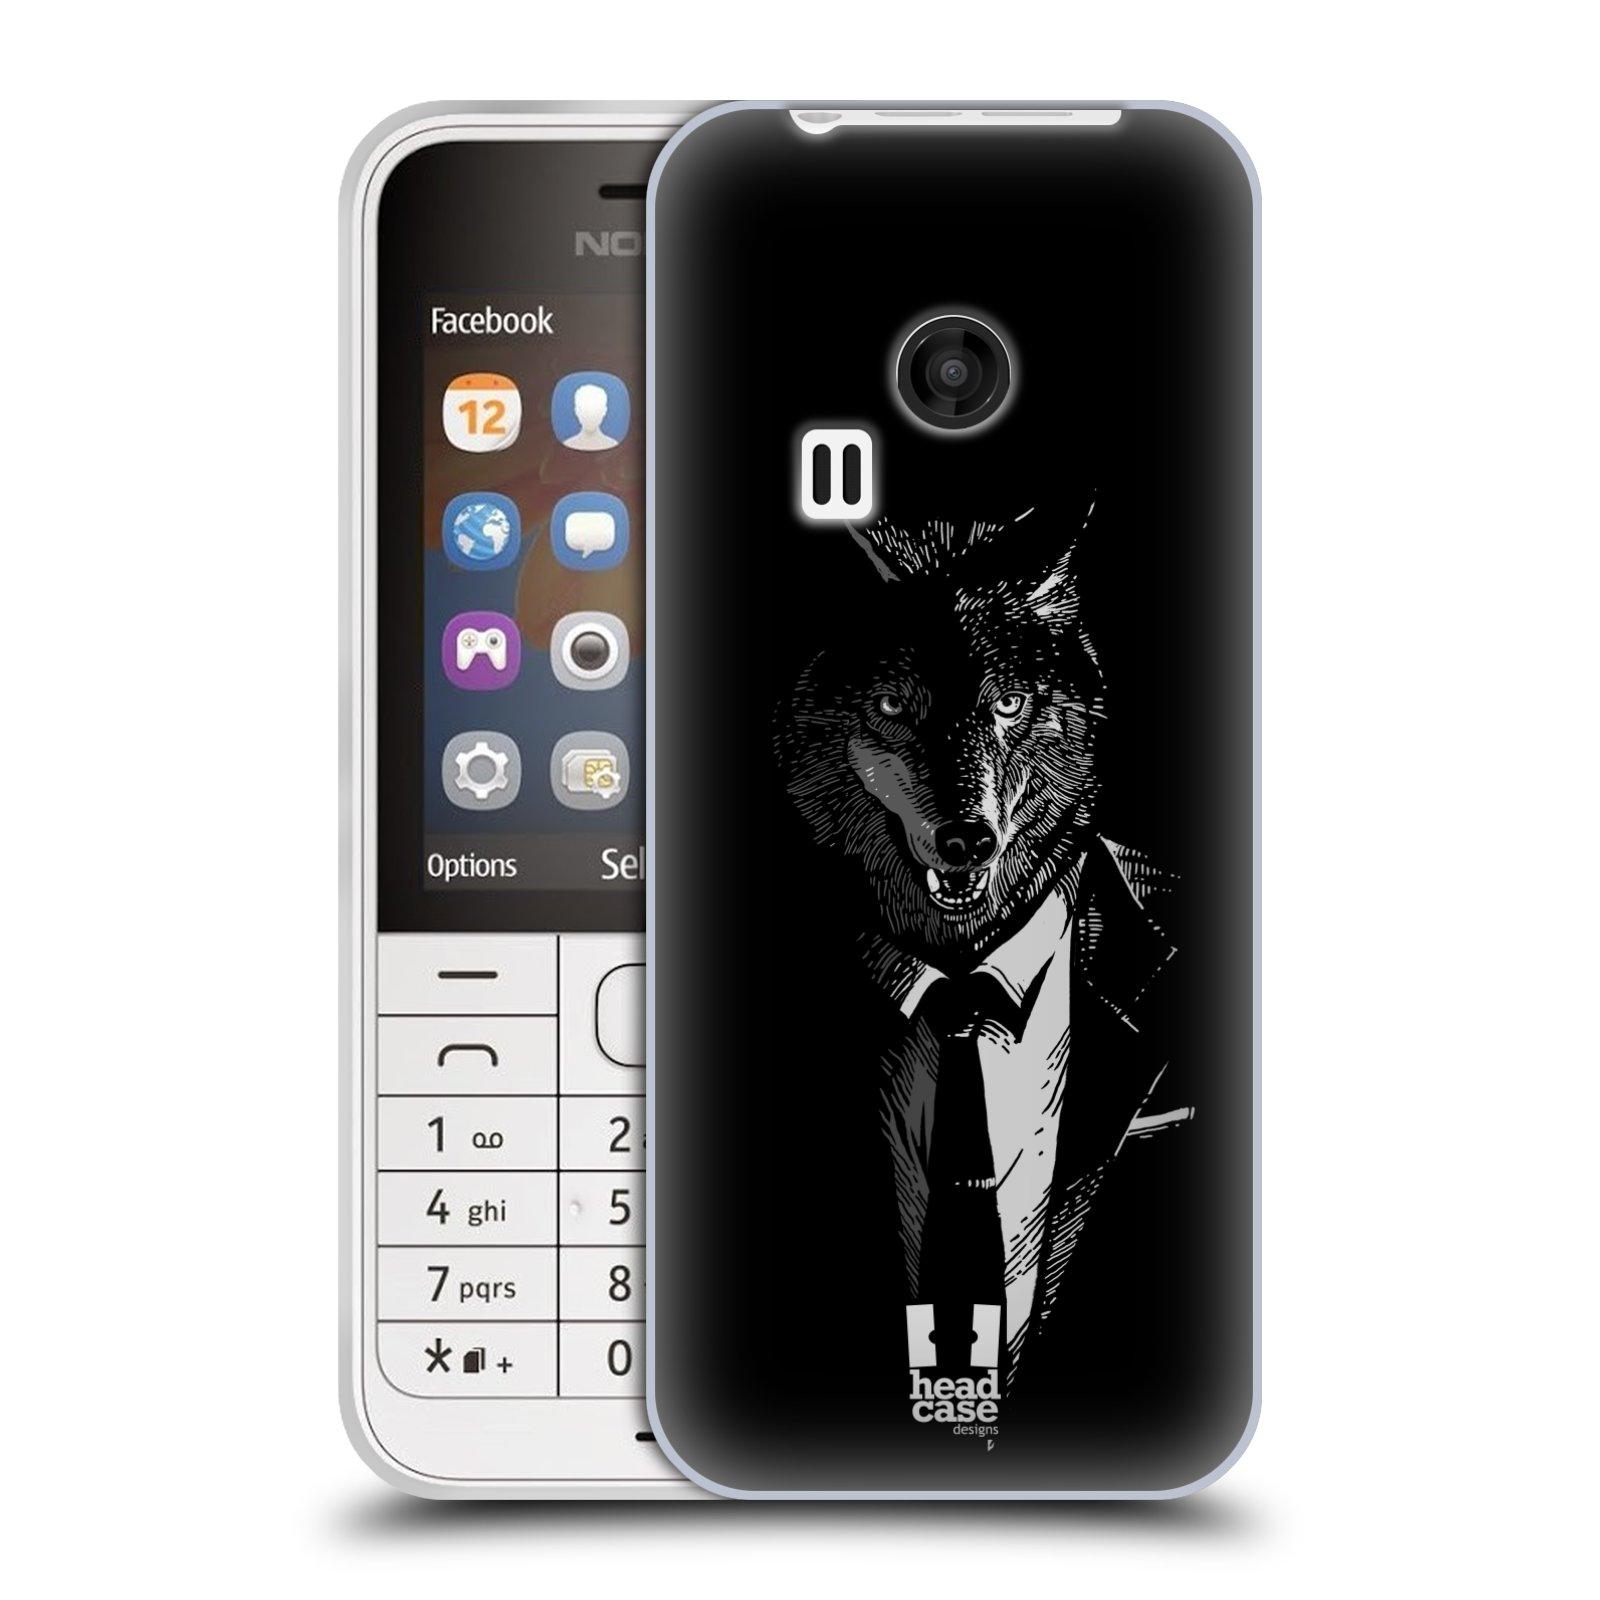 HEAD CASE silikonový obal na mobil NOKIA 220 / NOKIA 220 DUAL SIM vzor Zvíře v obleku vlk